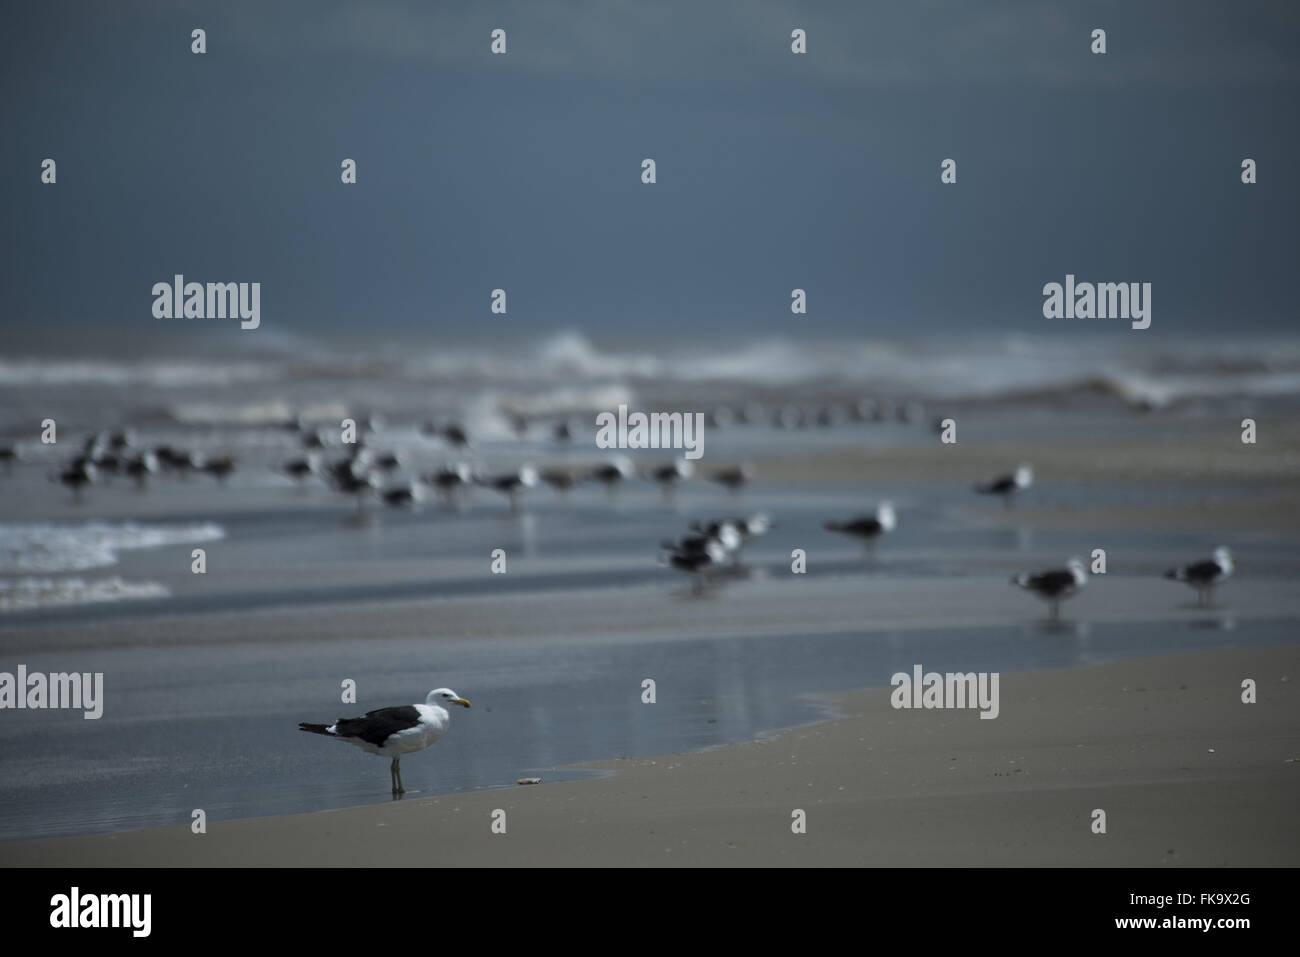 Seagulls on the sea - migratory bird Stock Photo